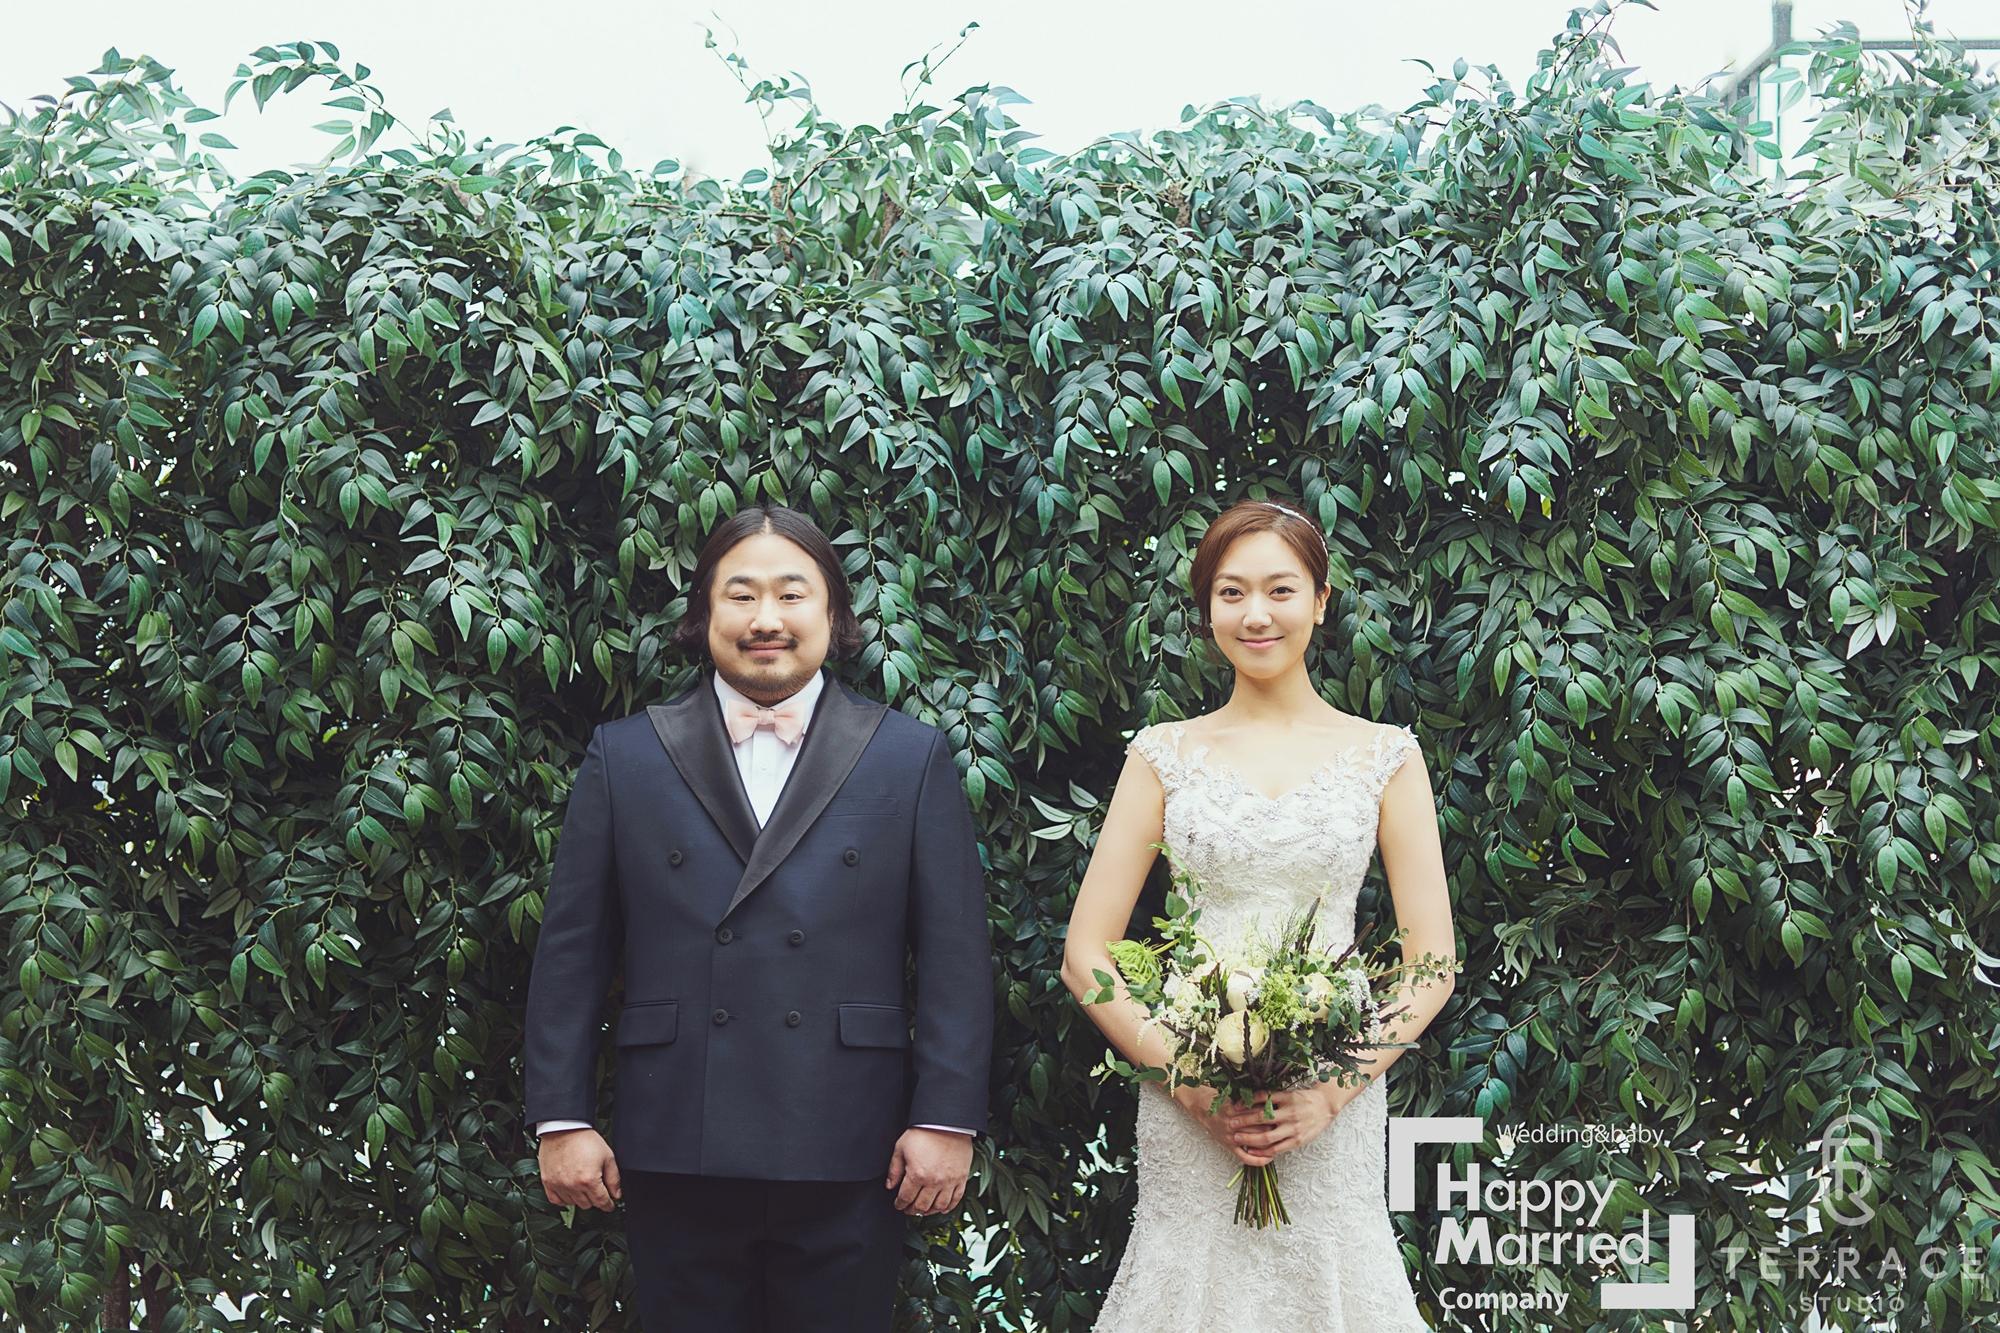 강재준♥이은형, 오는 4월 8일 10년간의 열애 끝 웨딩마치 (공식입장)